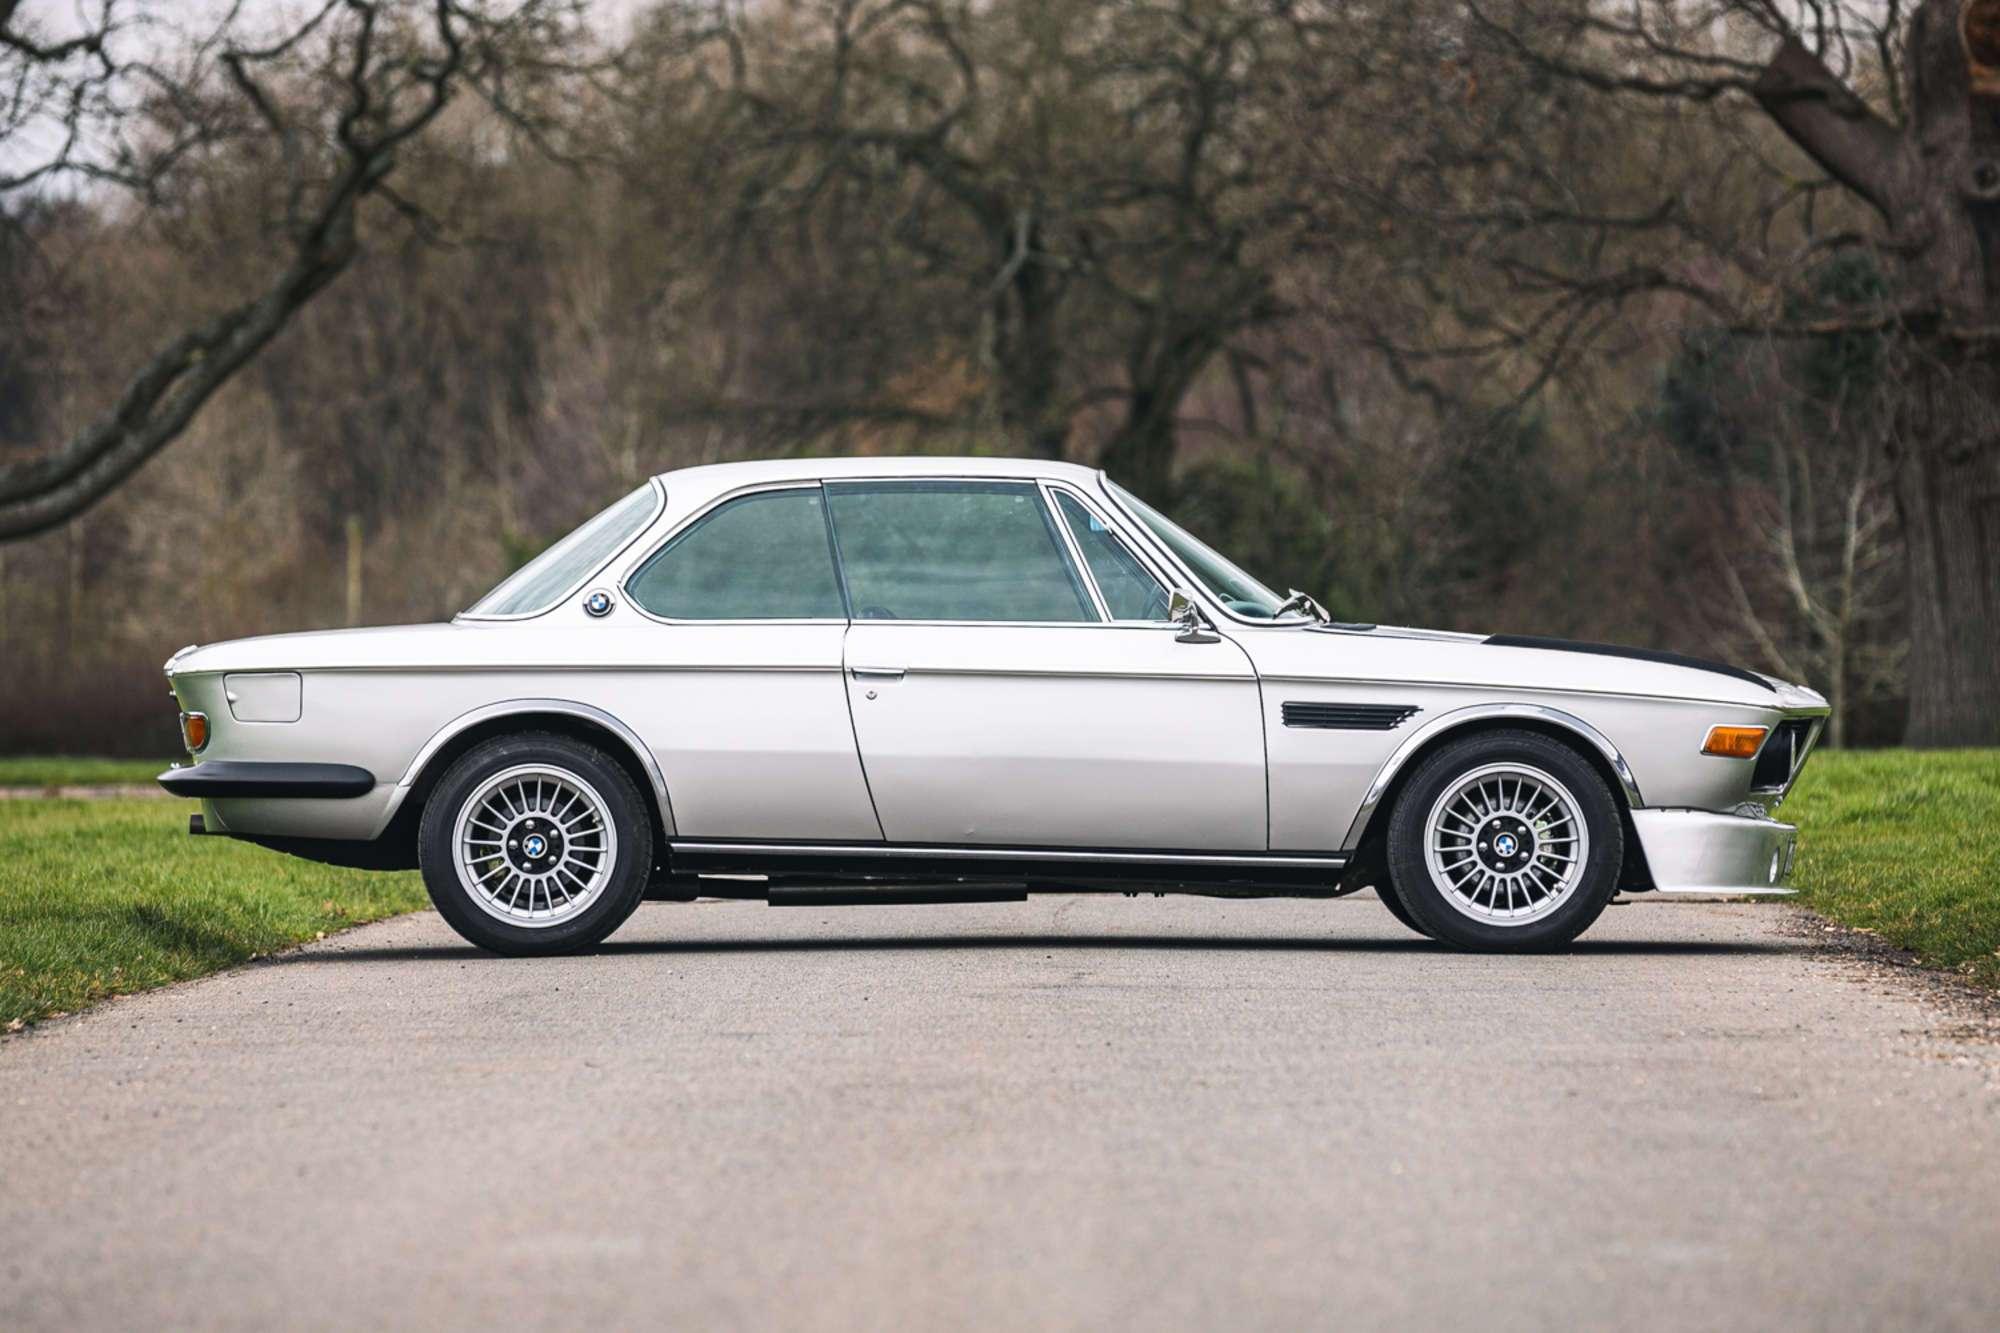 Вагу порівняно з серійними BMW 3.0 вдалося знизити на 136 кг